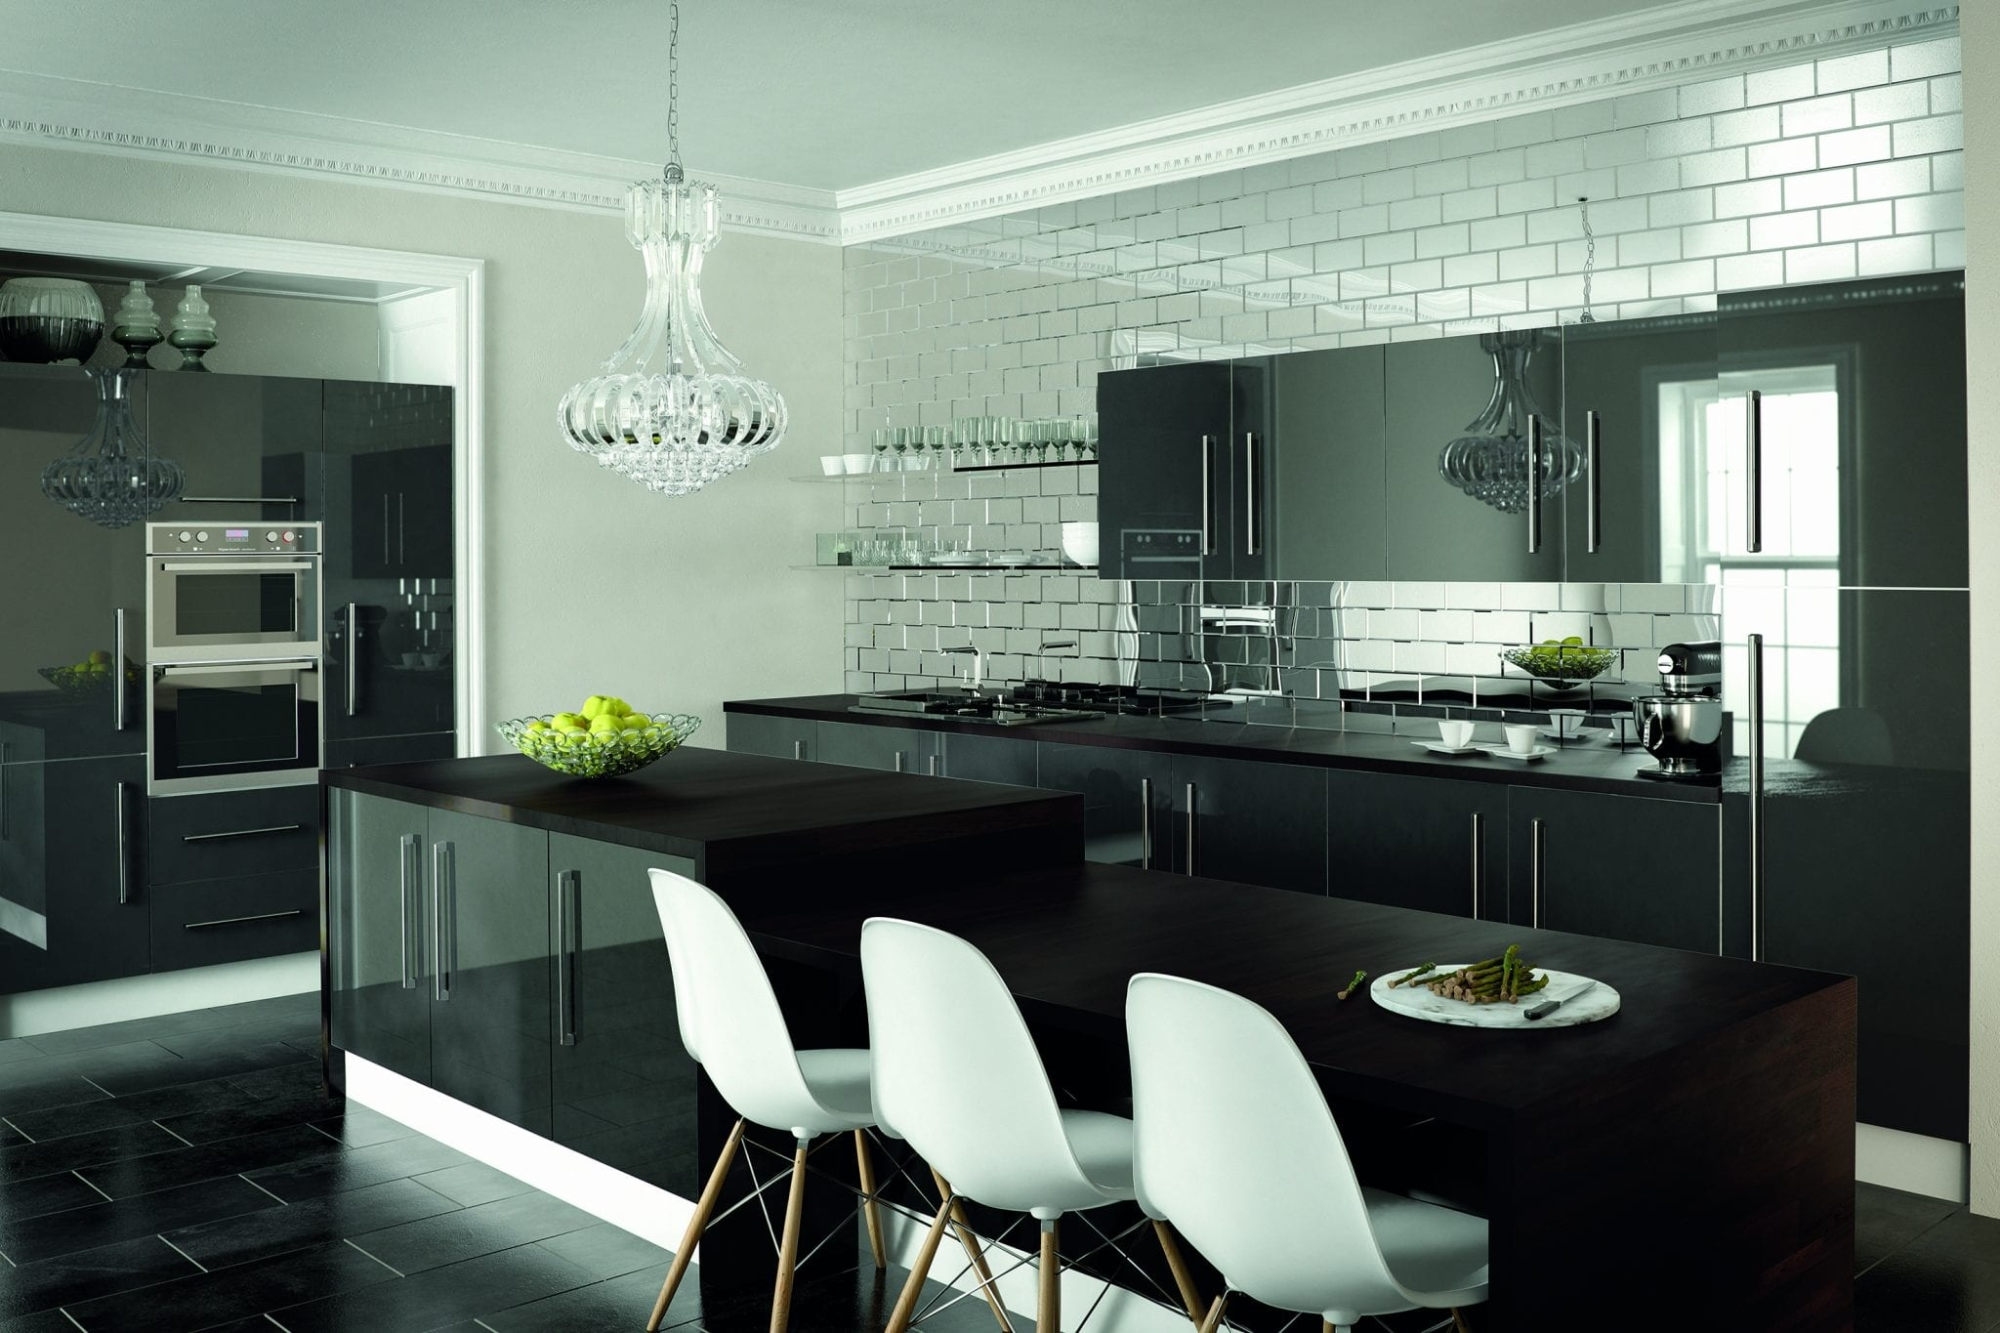 Kitchen in metallic anthracite grey